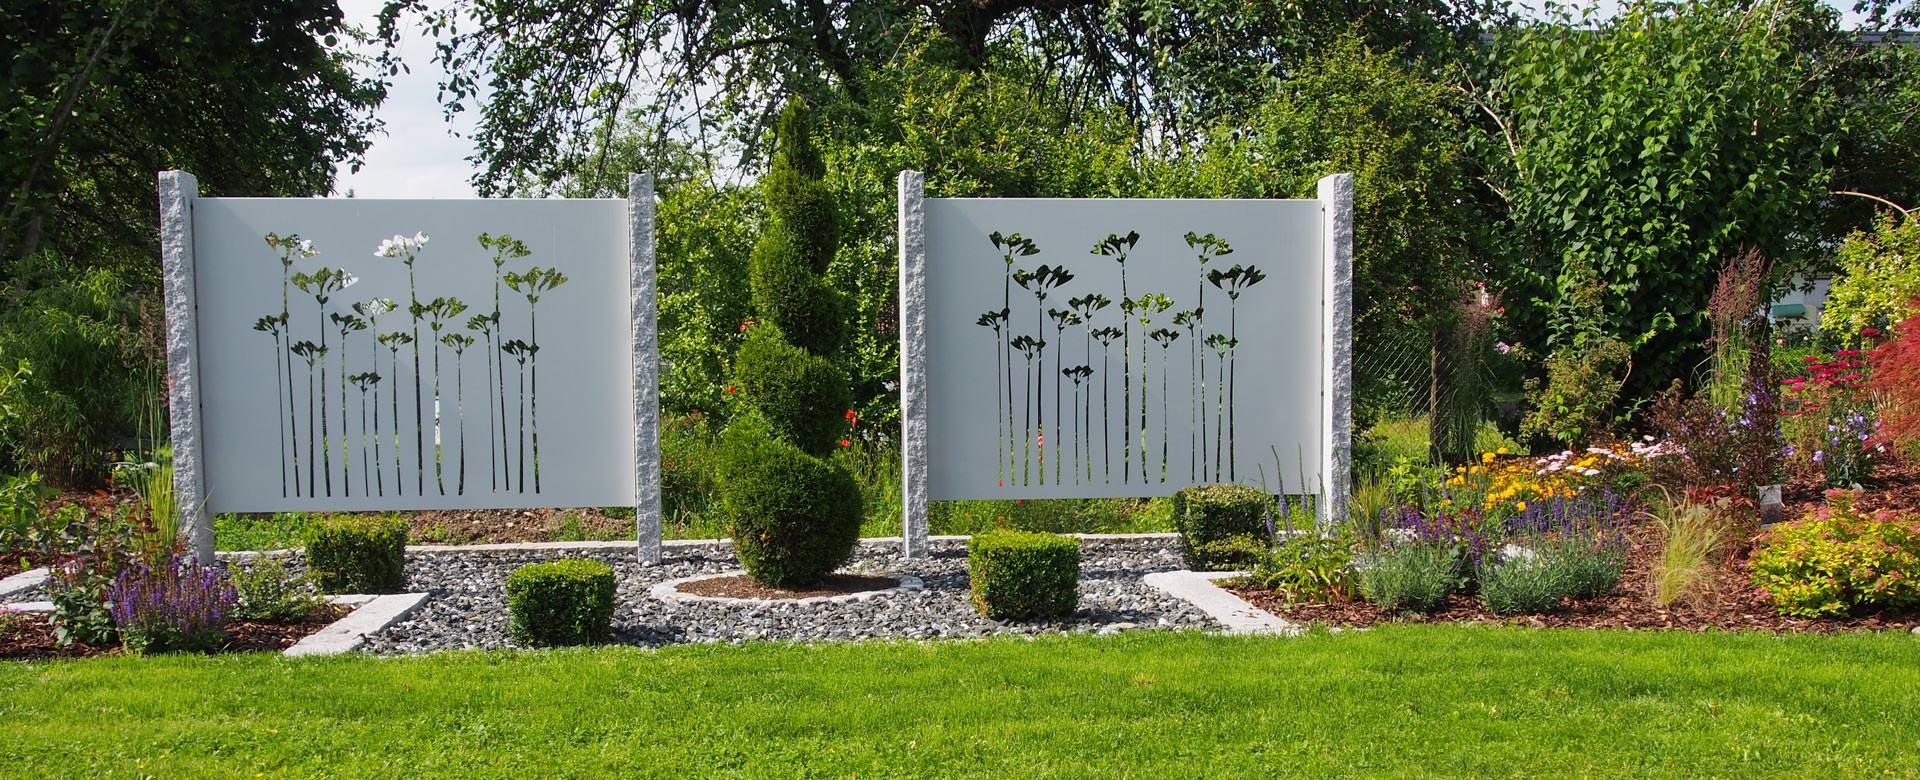 Ausgefallene Gartendeko Selber Machen Frisch Sichtschutz Aus Metall Ganz Individuell Tiko Metalldesign